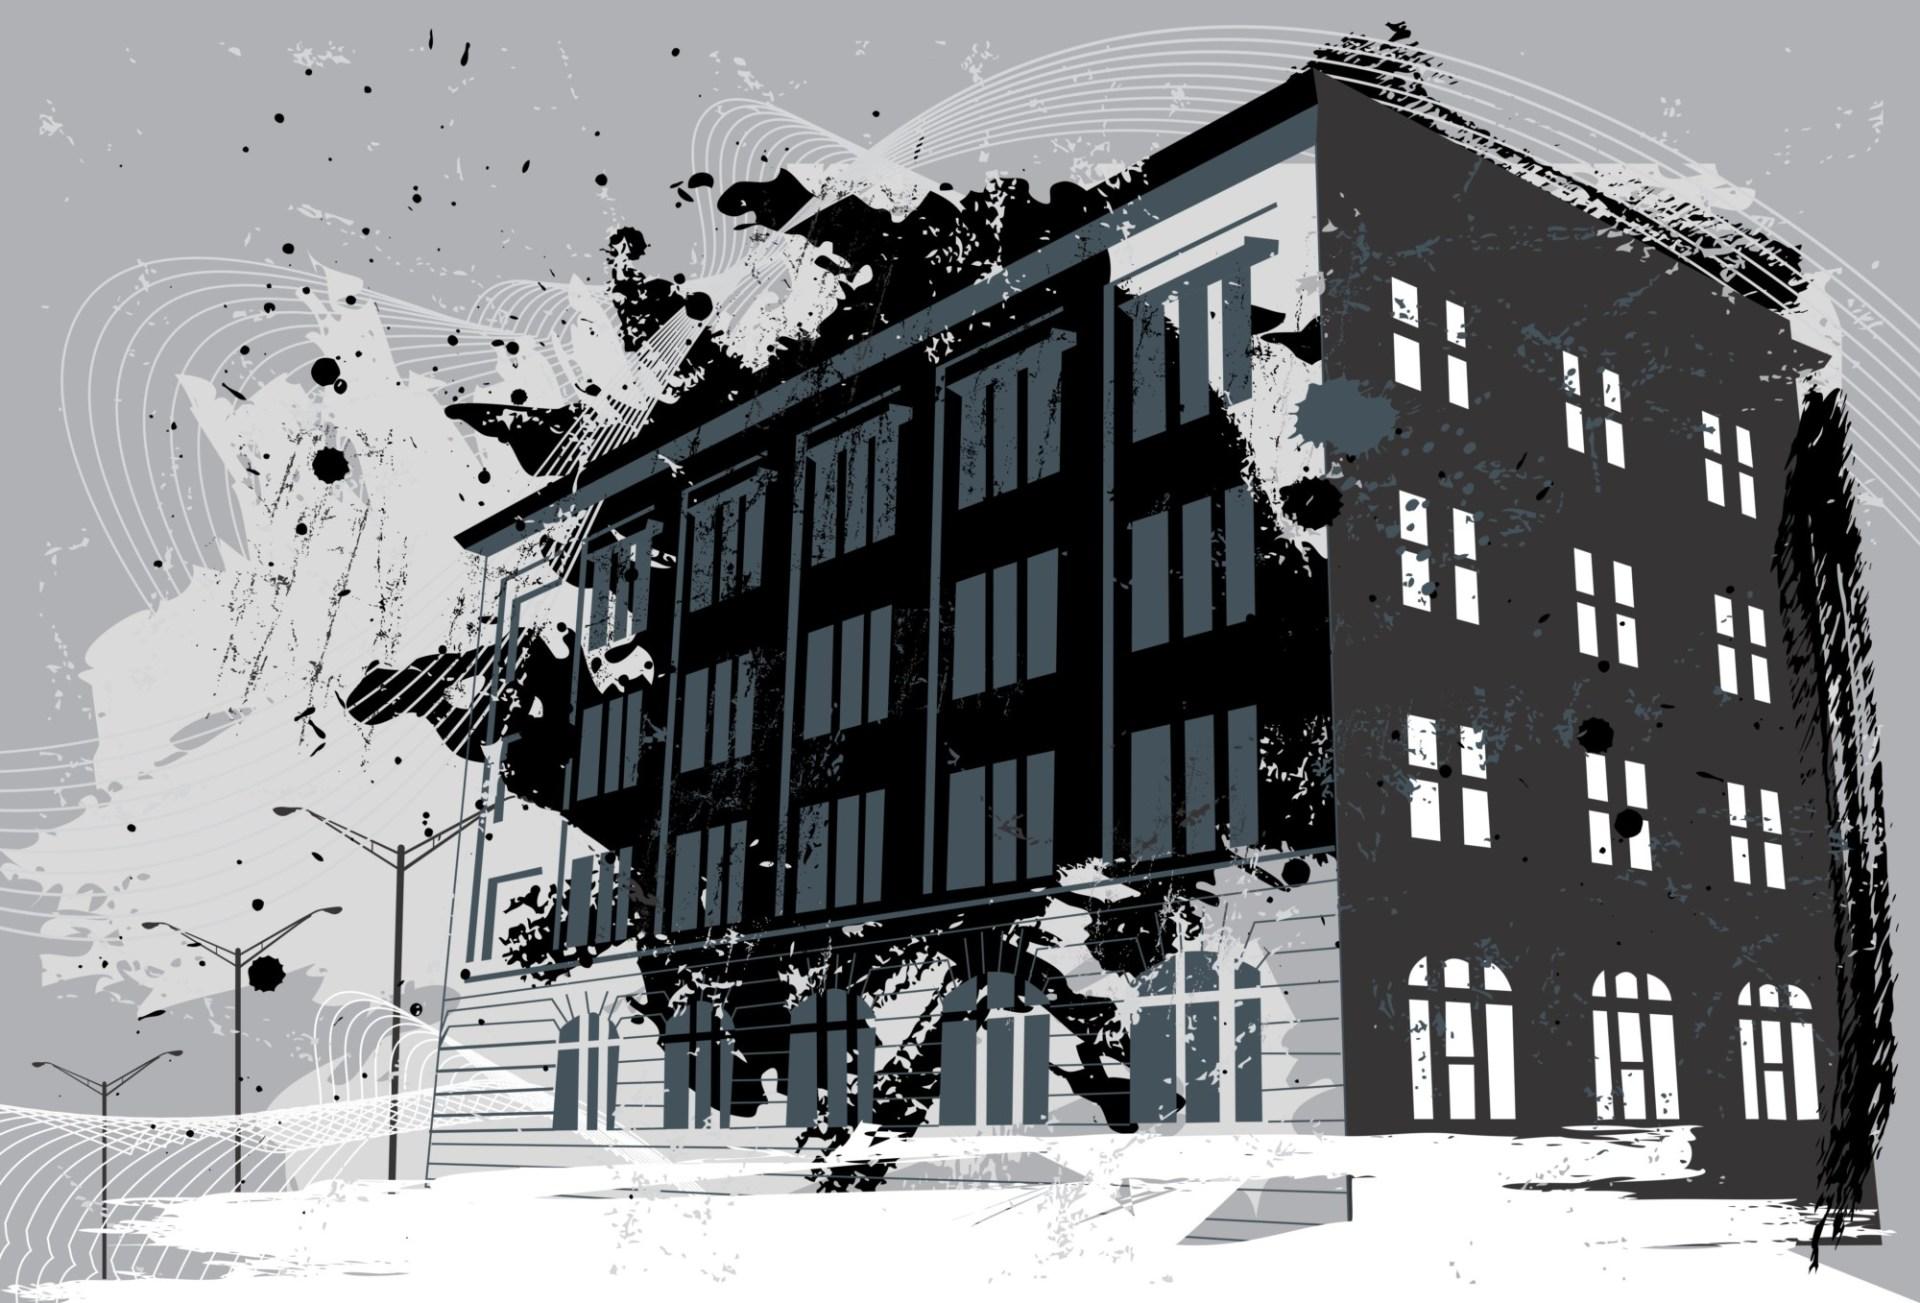 NYC Natural Disaster Insurance Policies